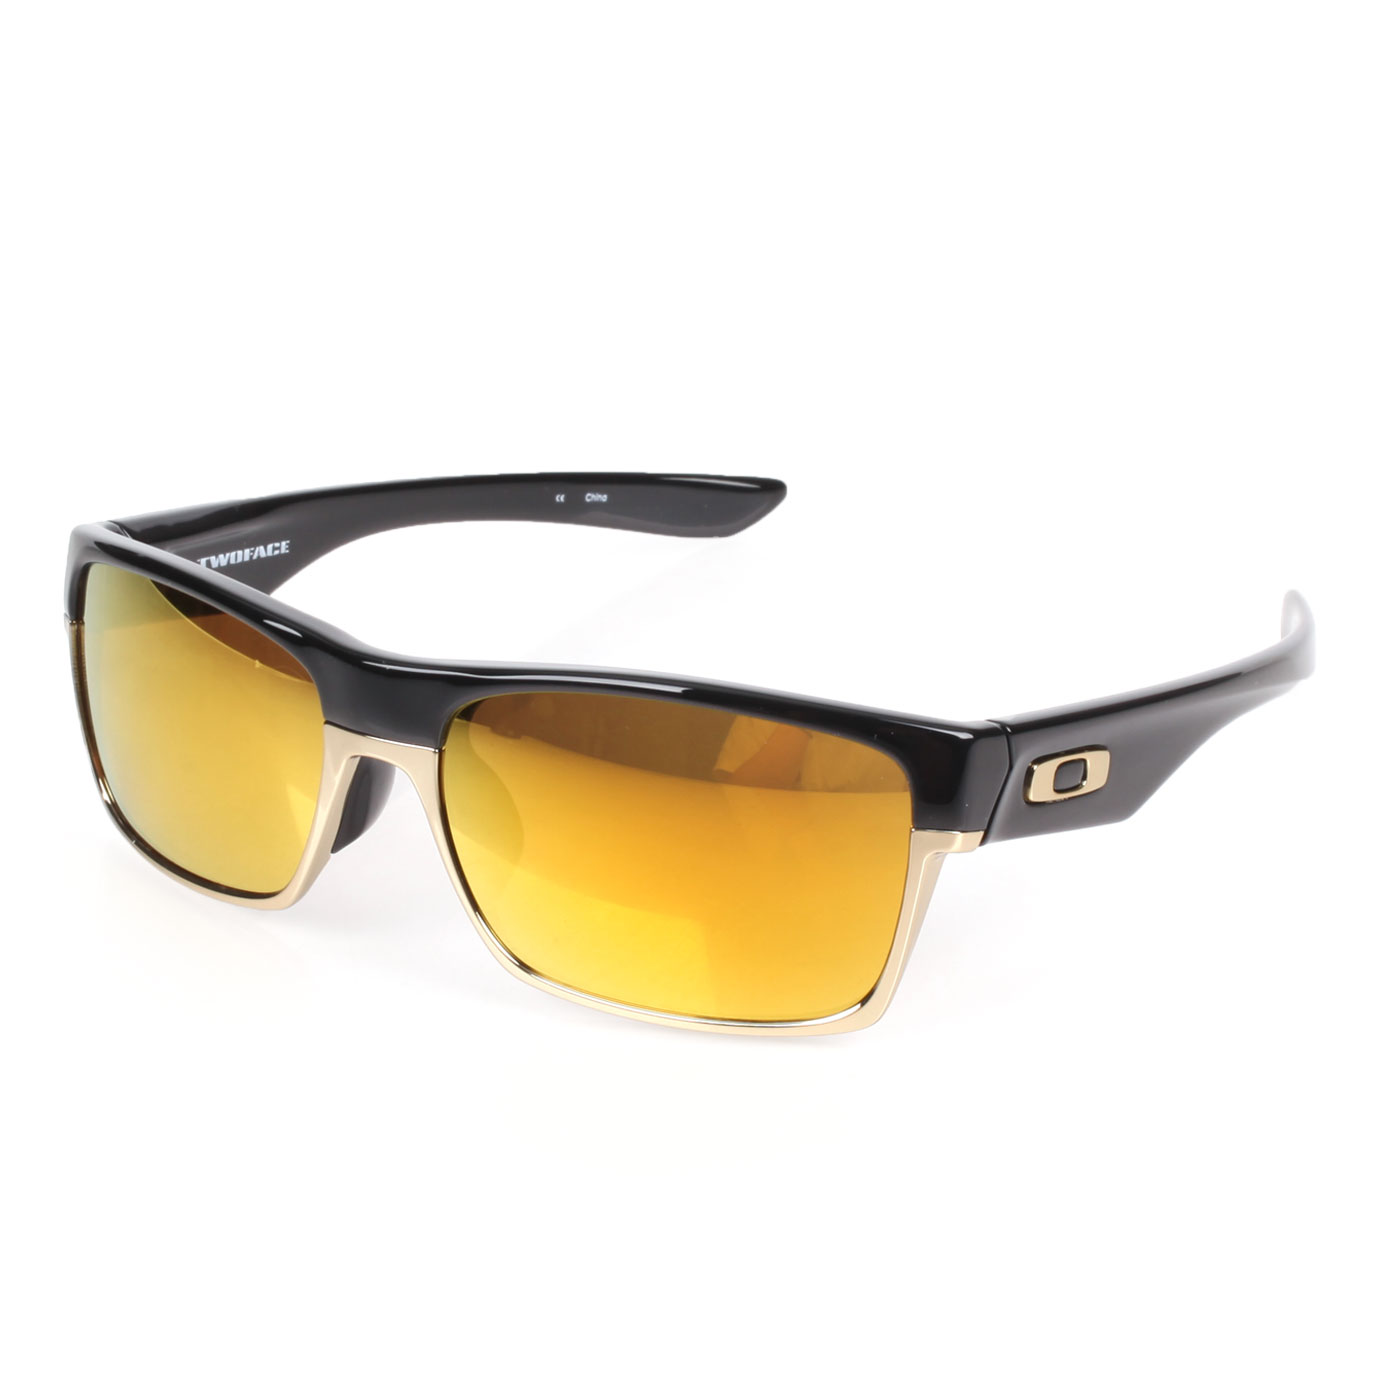 OAKLEY Two Face一般太陽眼鏡(附鏡袋無鼻墊) OAK-OO9256-10 - 黑金